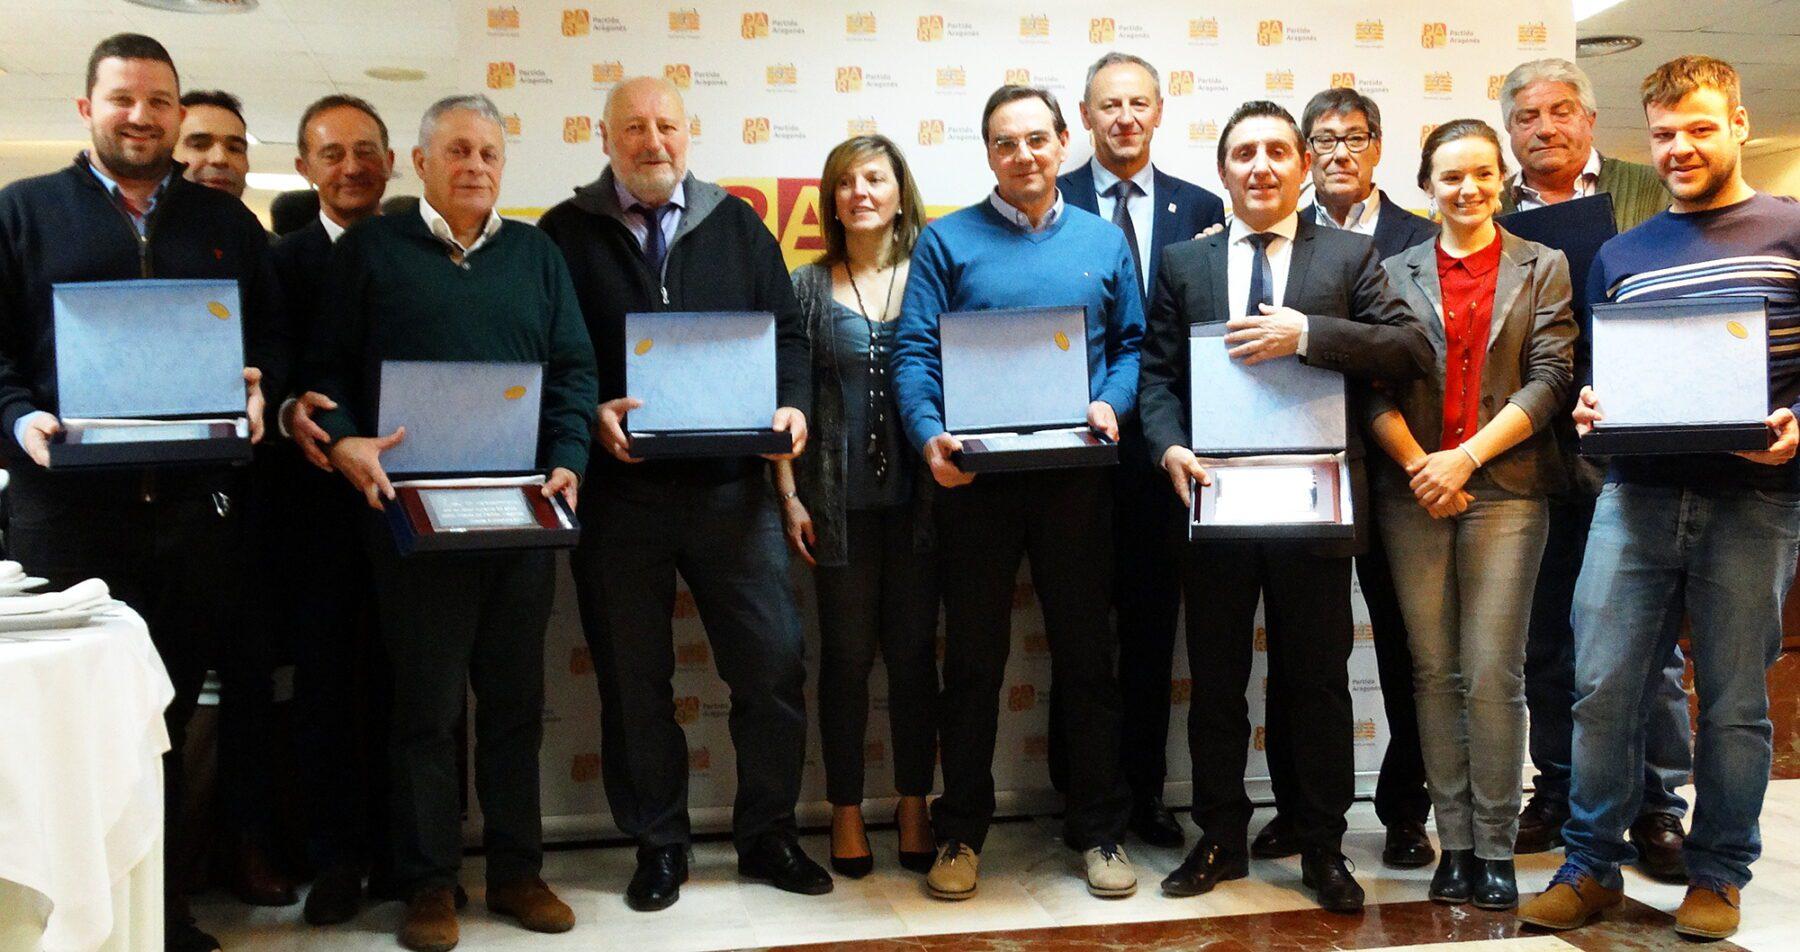 Alcaldes homenajeados, representantes y dirigentes del partido